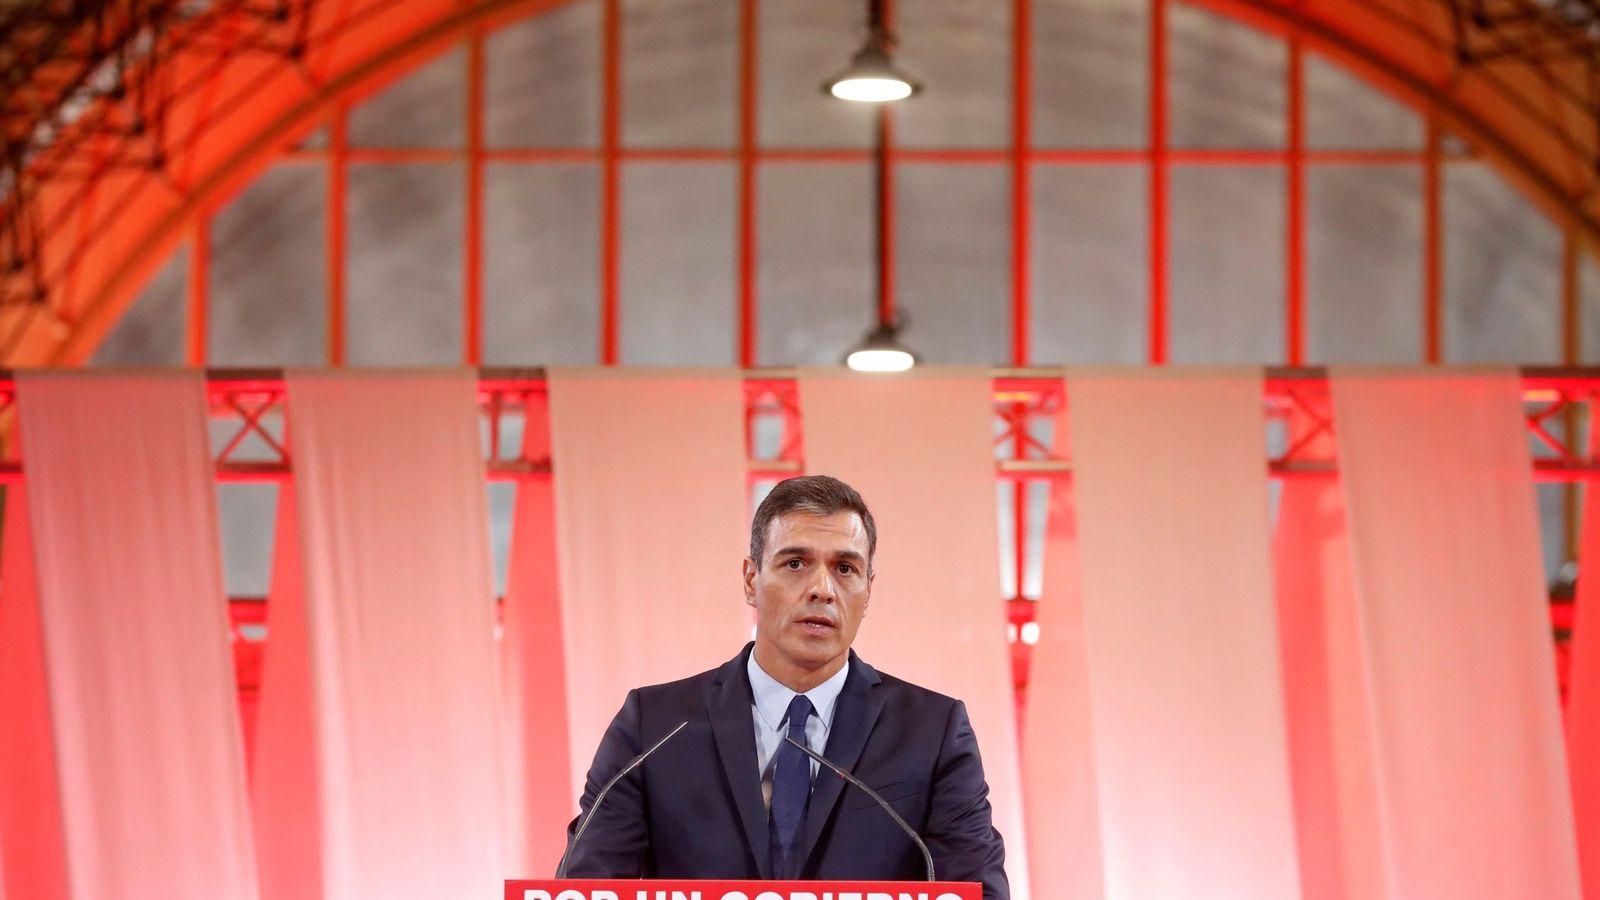 Foto: Pedro Sánchez presenta el acuerdo programático con el que espera granjearse el apoyo de Unidas Podemos. (EFE)